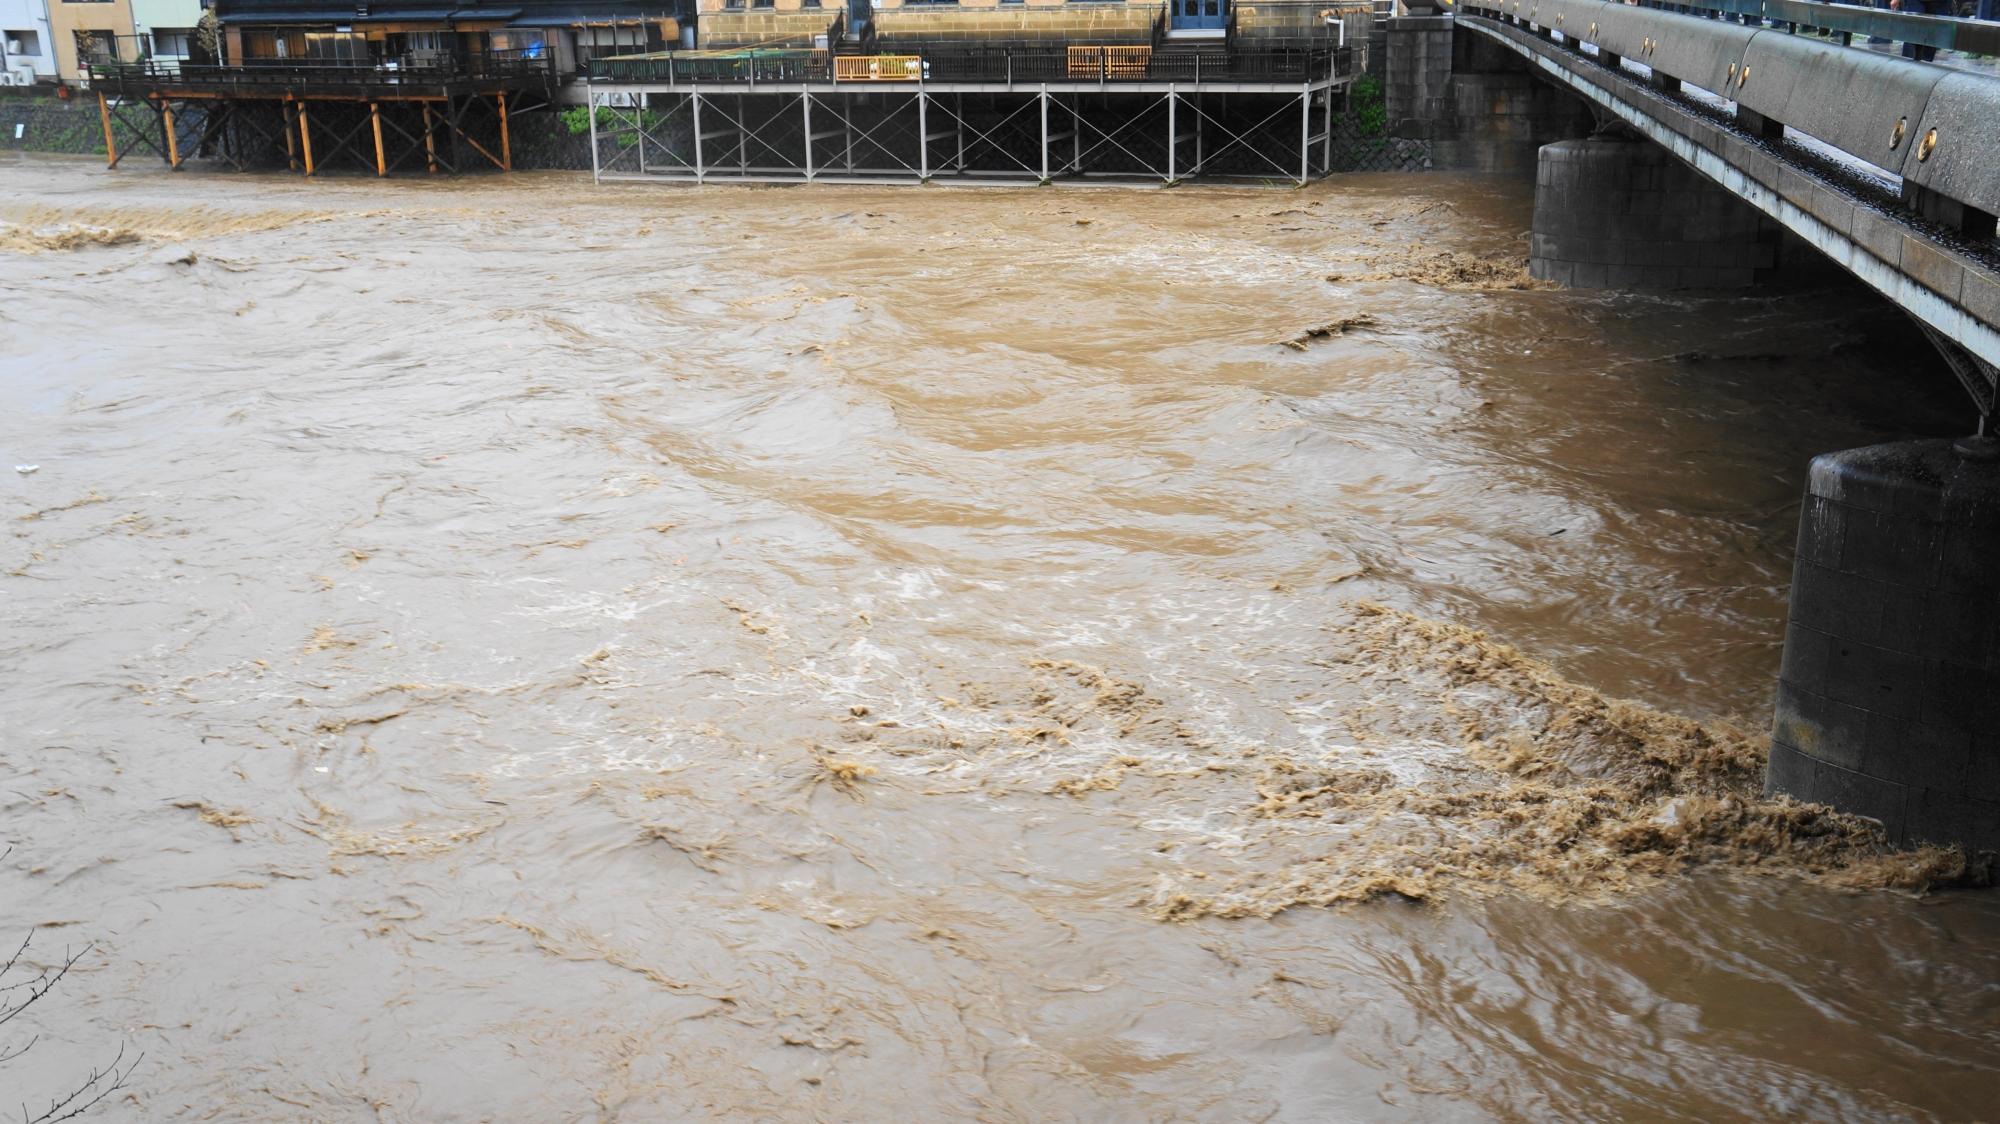 四条大橋の橋桁にあたり茶色い水しぶきが上がる鴨川